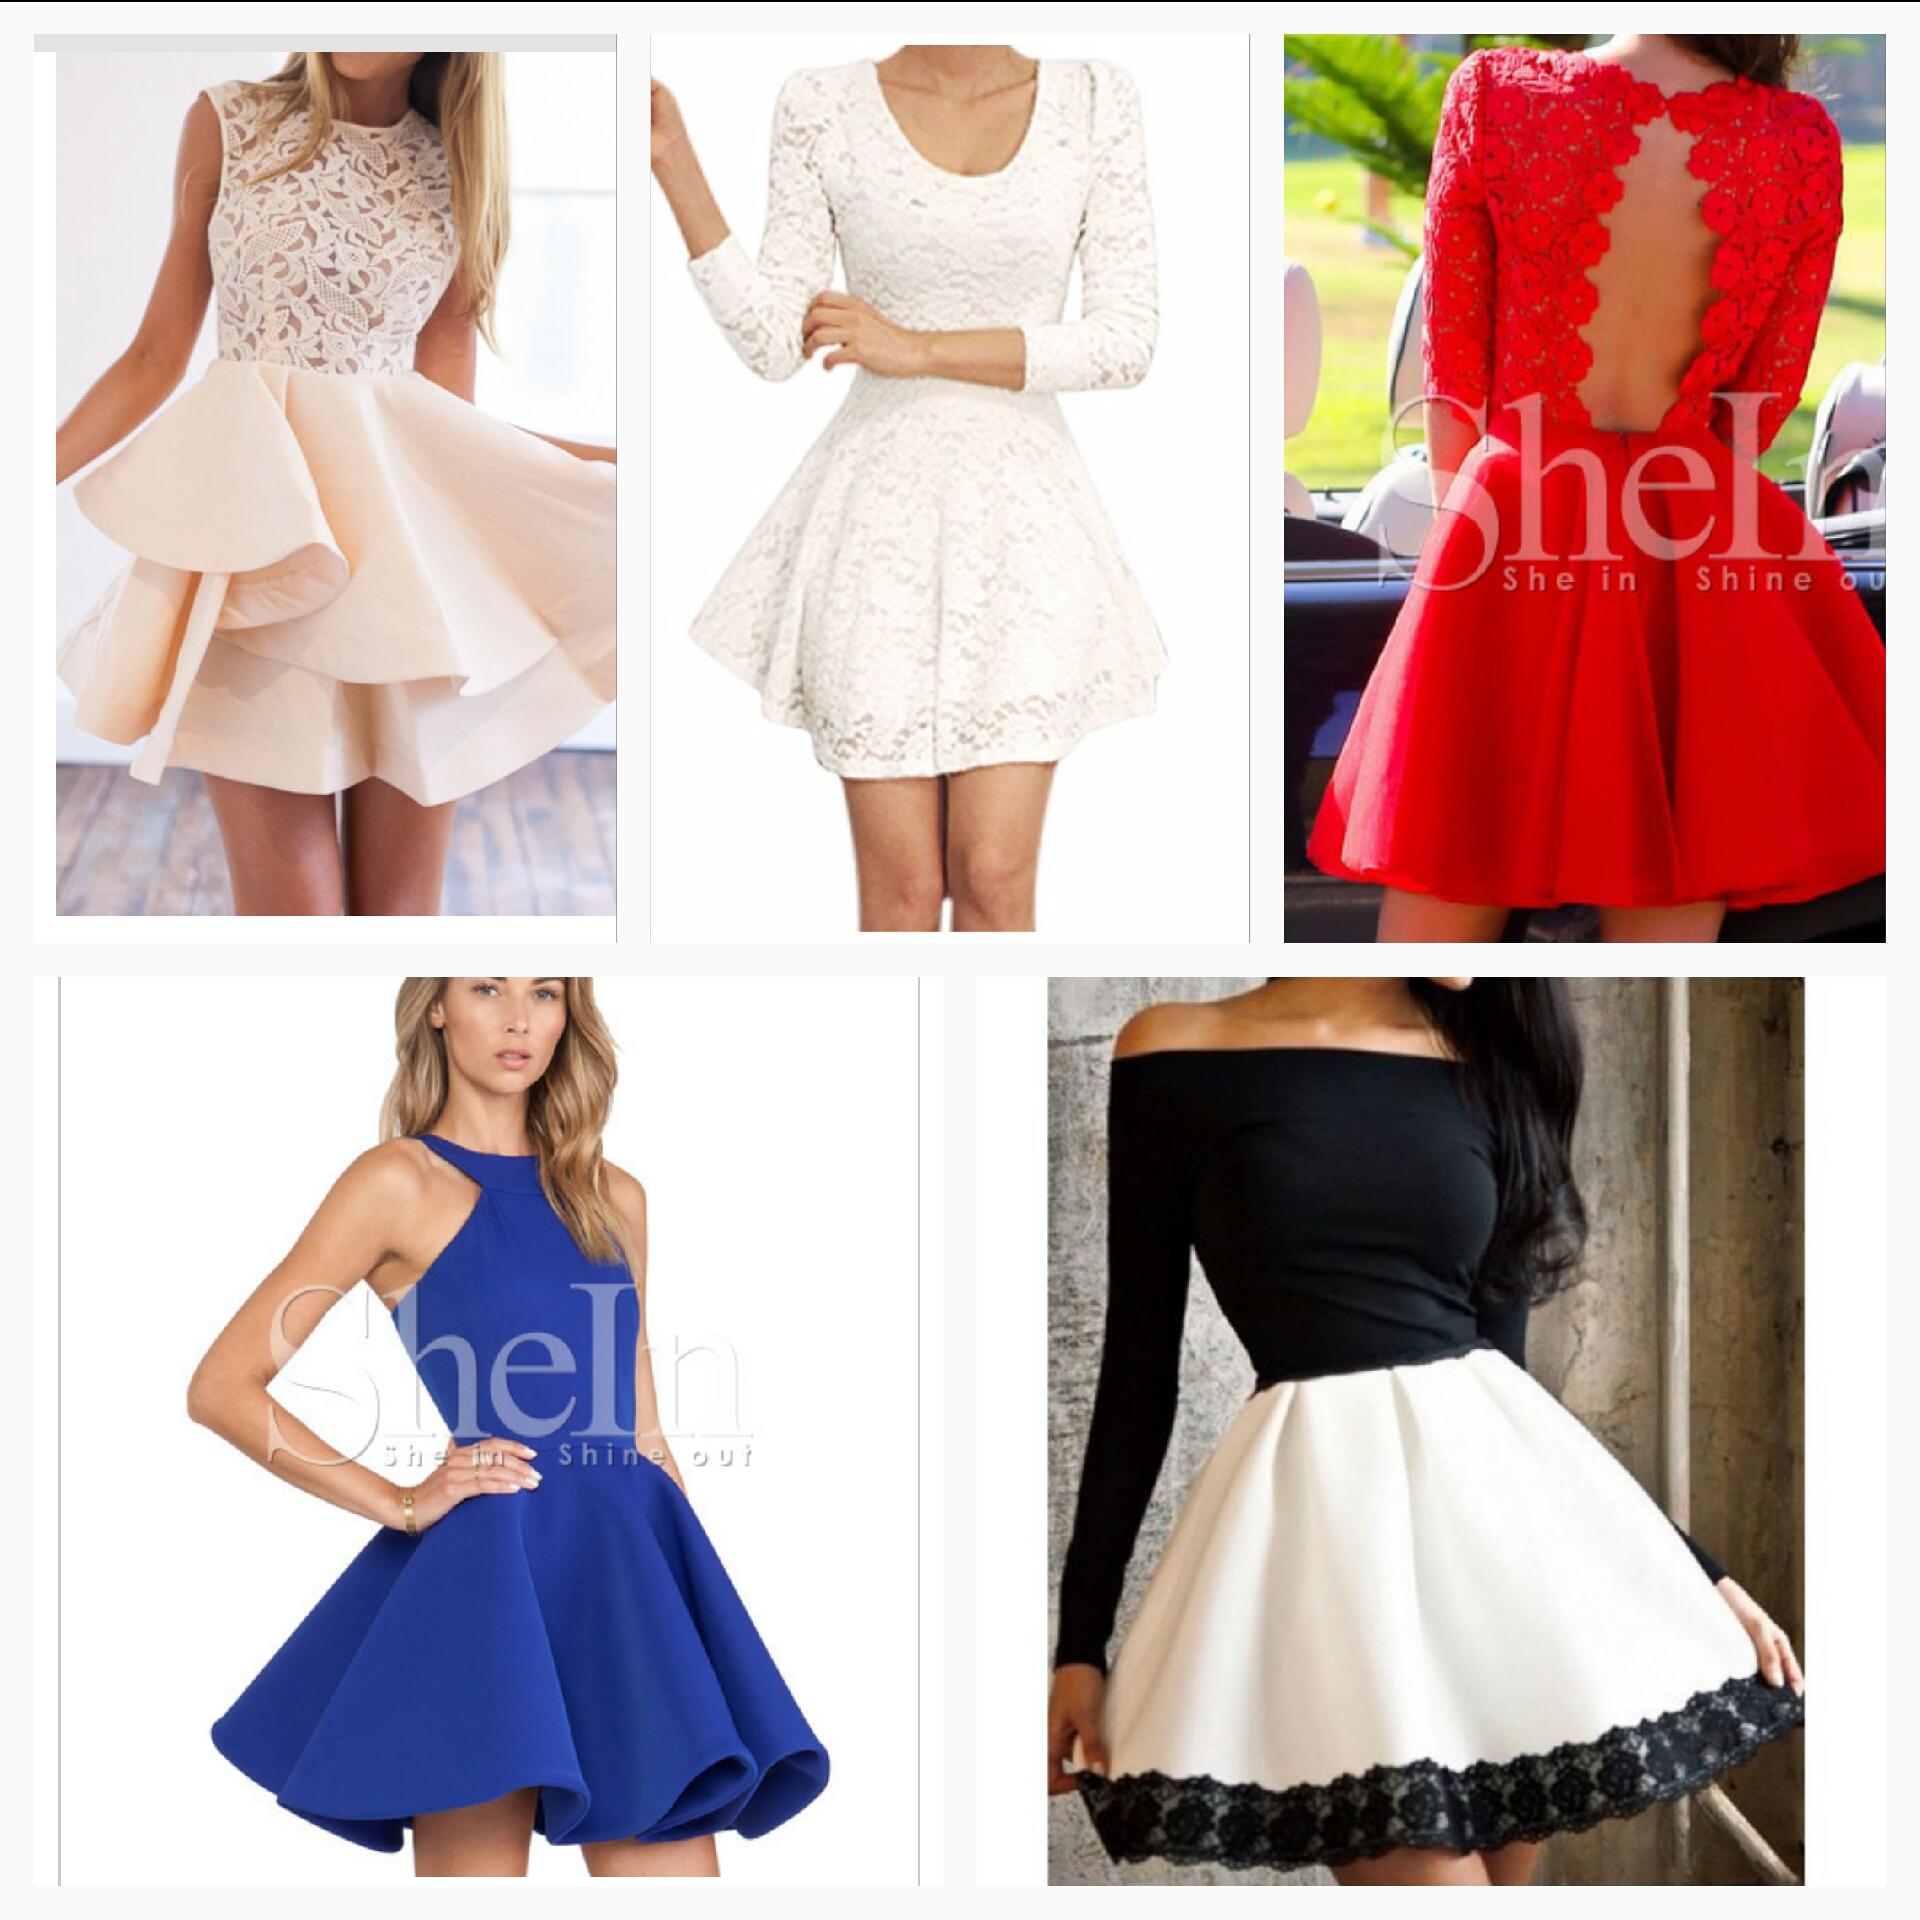 Welches Kleid sieht am schönsten aus? (Schule, Mode, Kleidung)